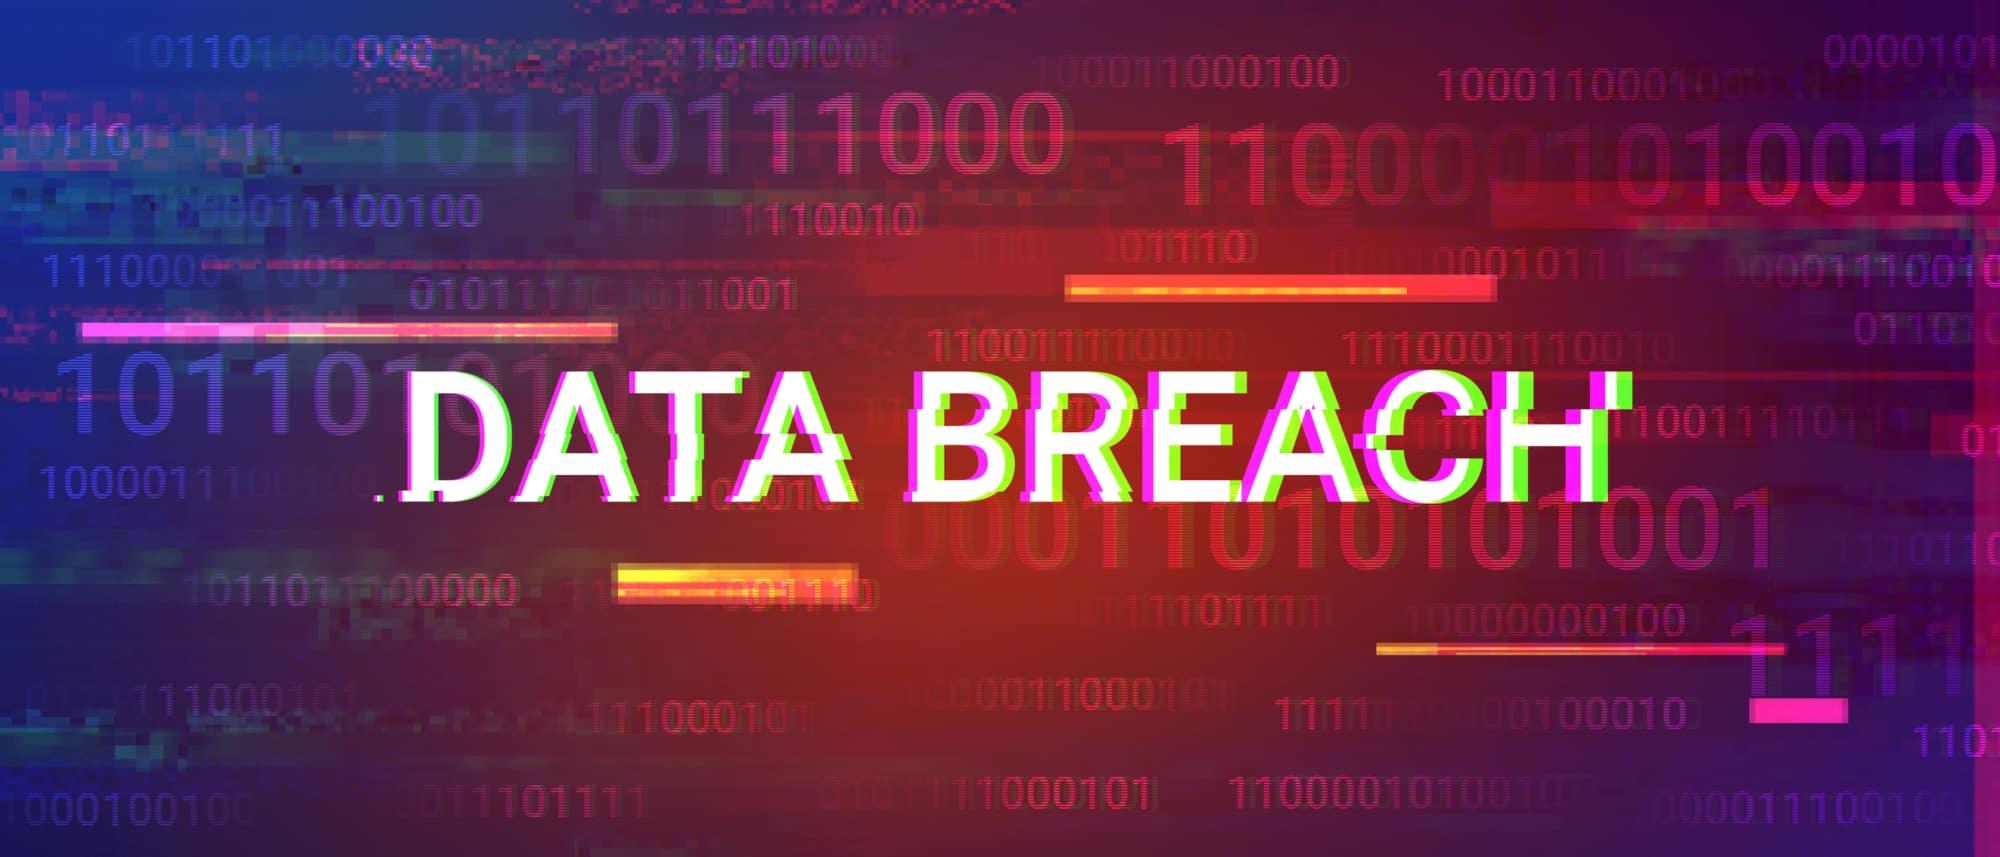 data breach glitchy words 187141456